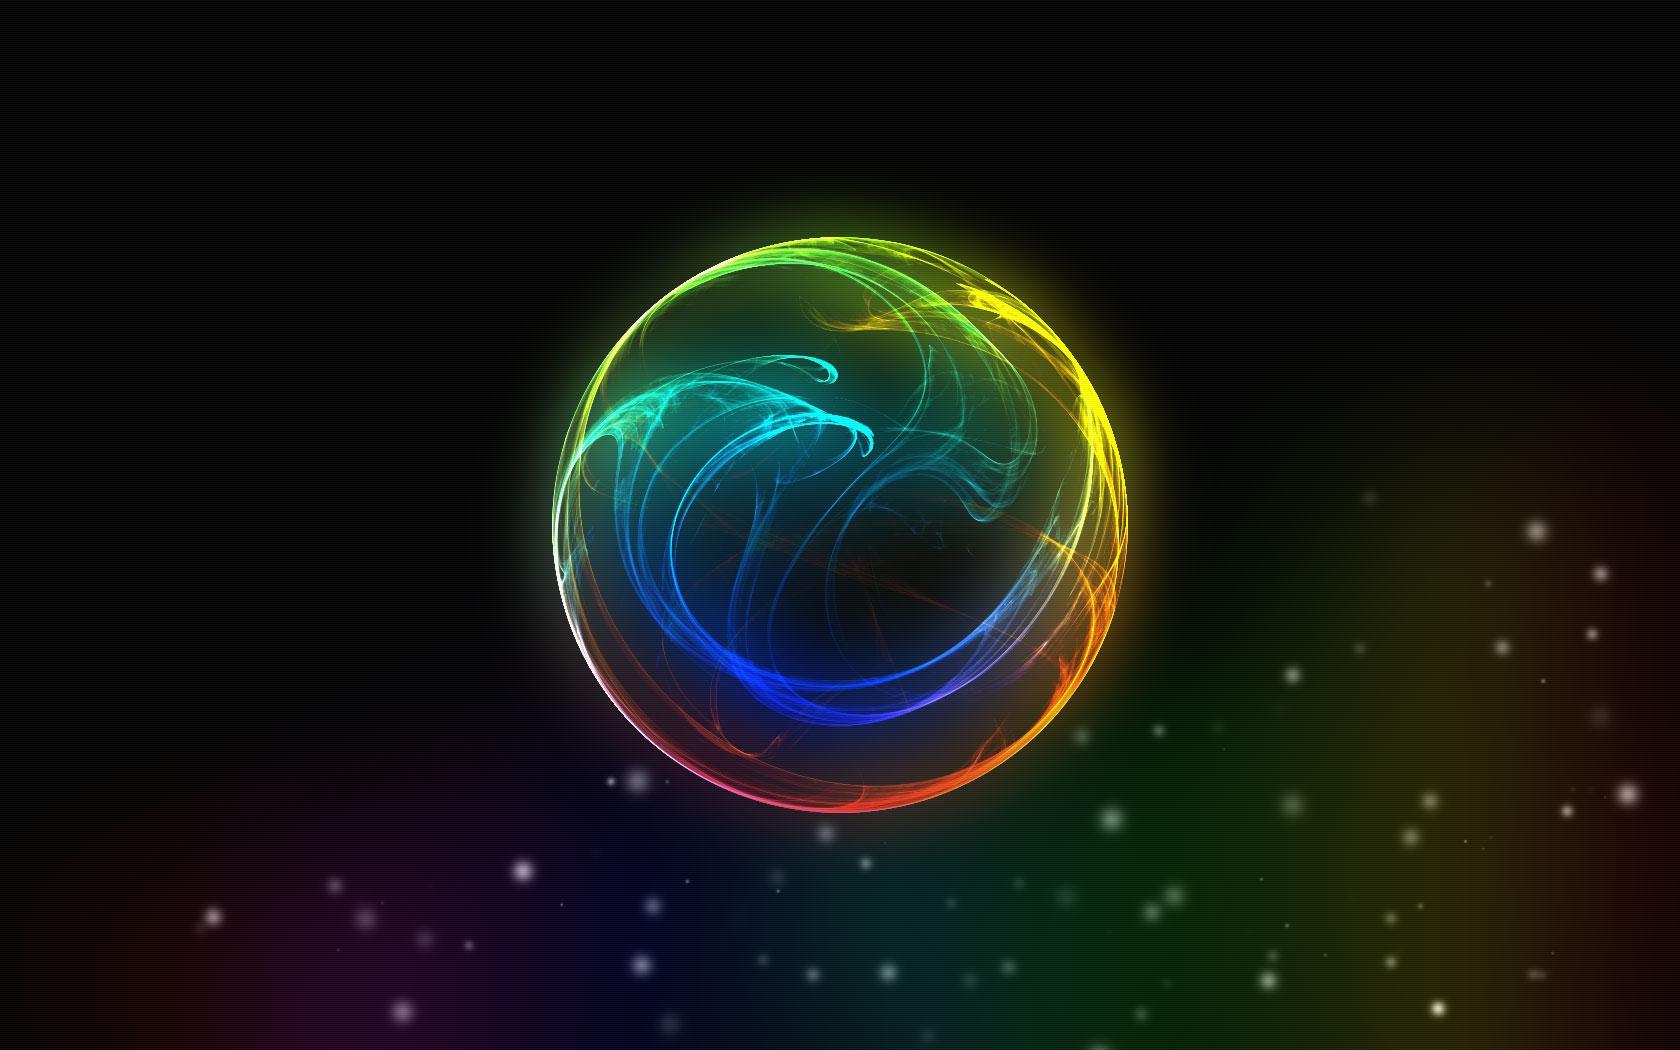 neon backgrounds hd wallpaper 2014 download neon 1680x1050